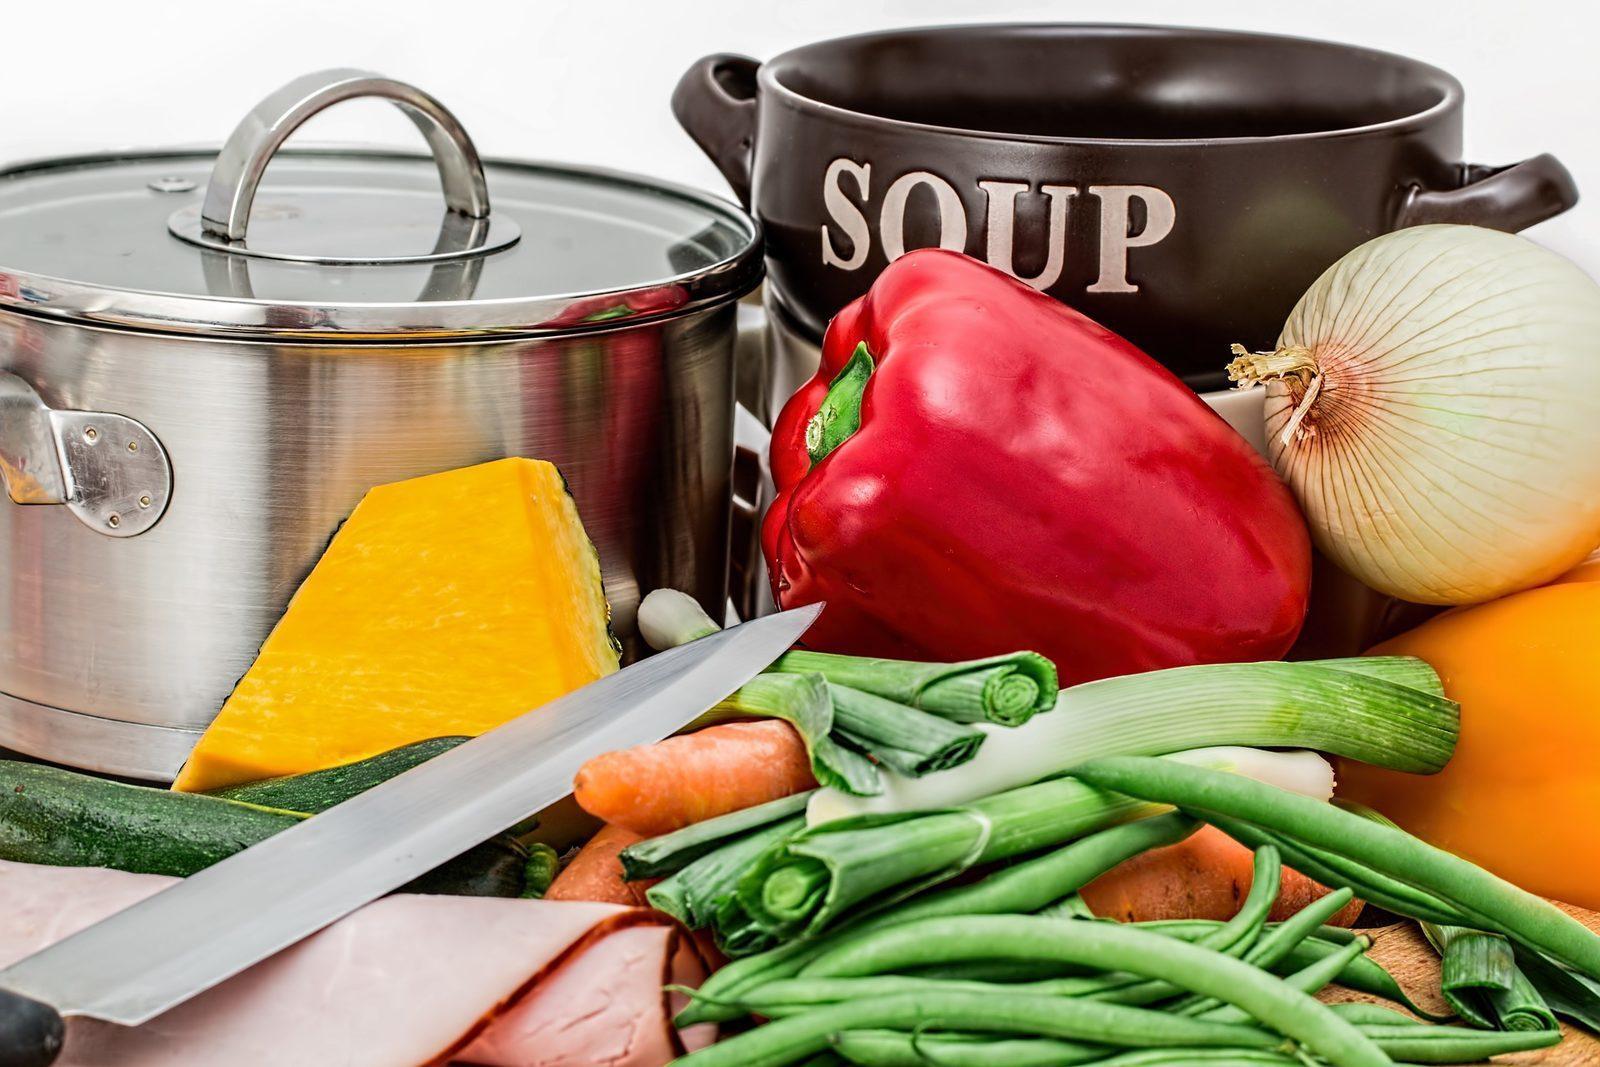 Vacature: Zelfstandig werkende kok/keukenhulp